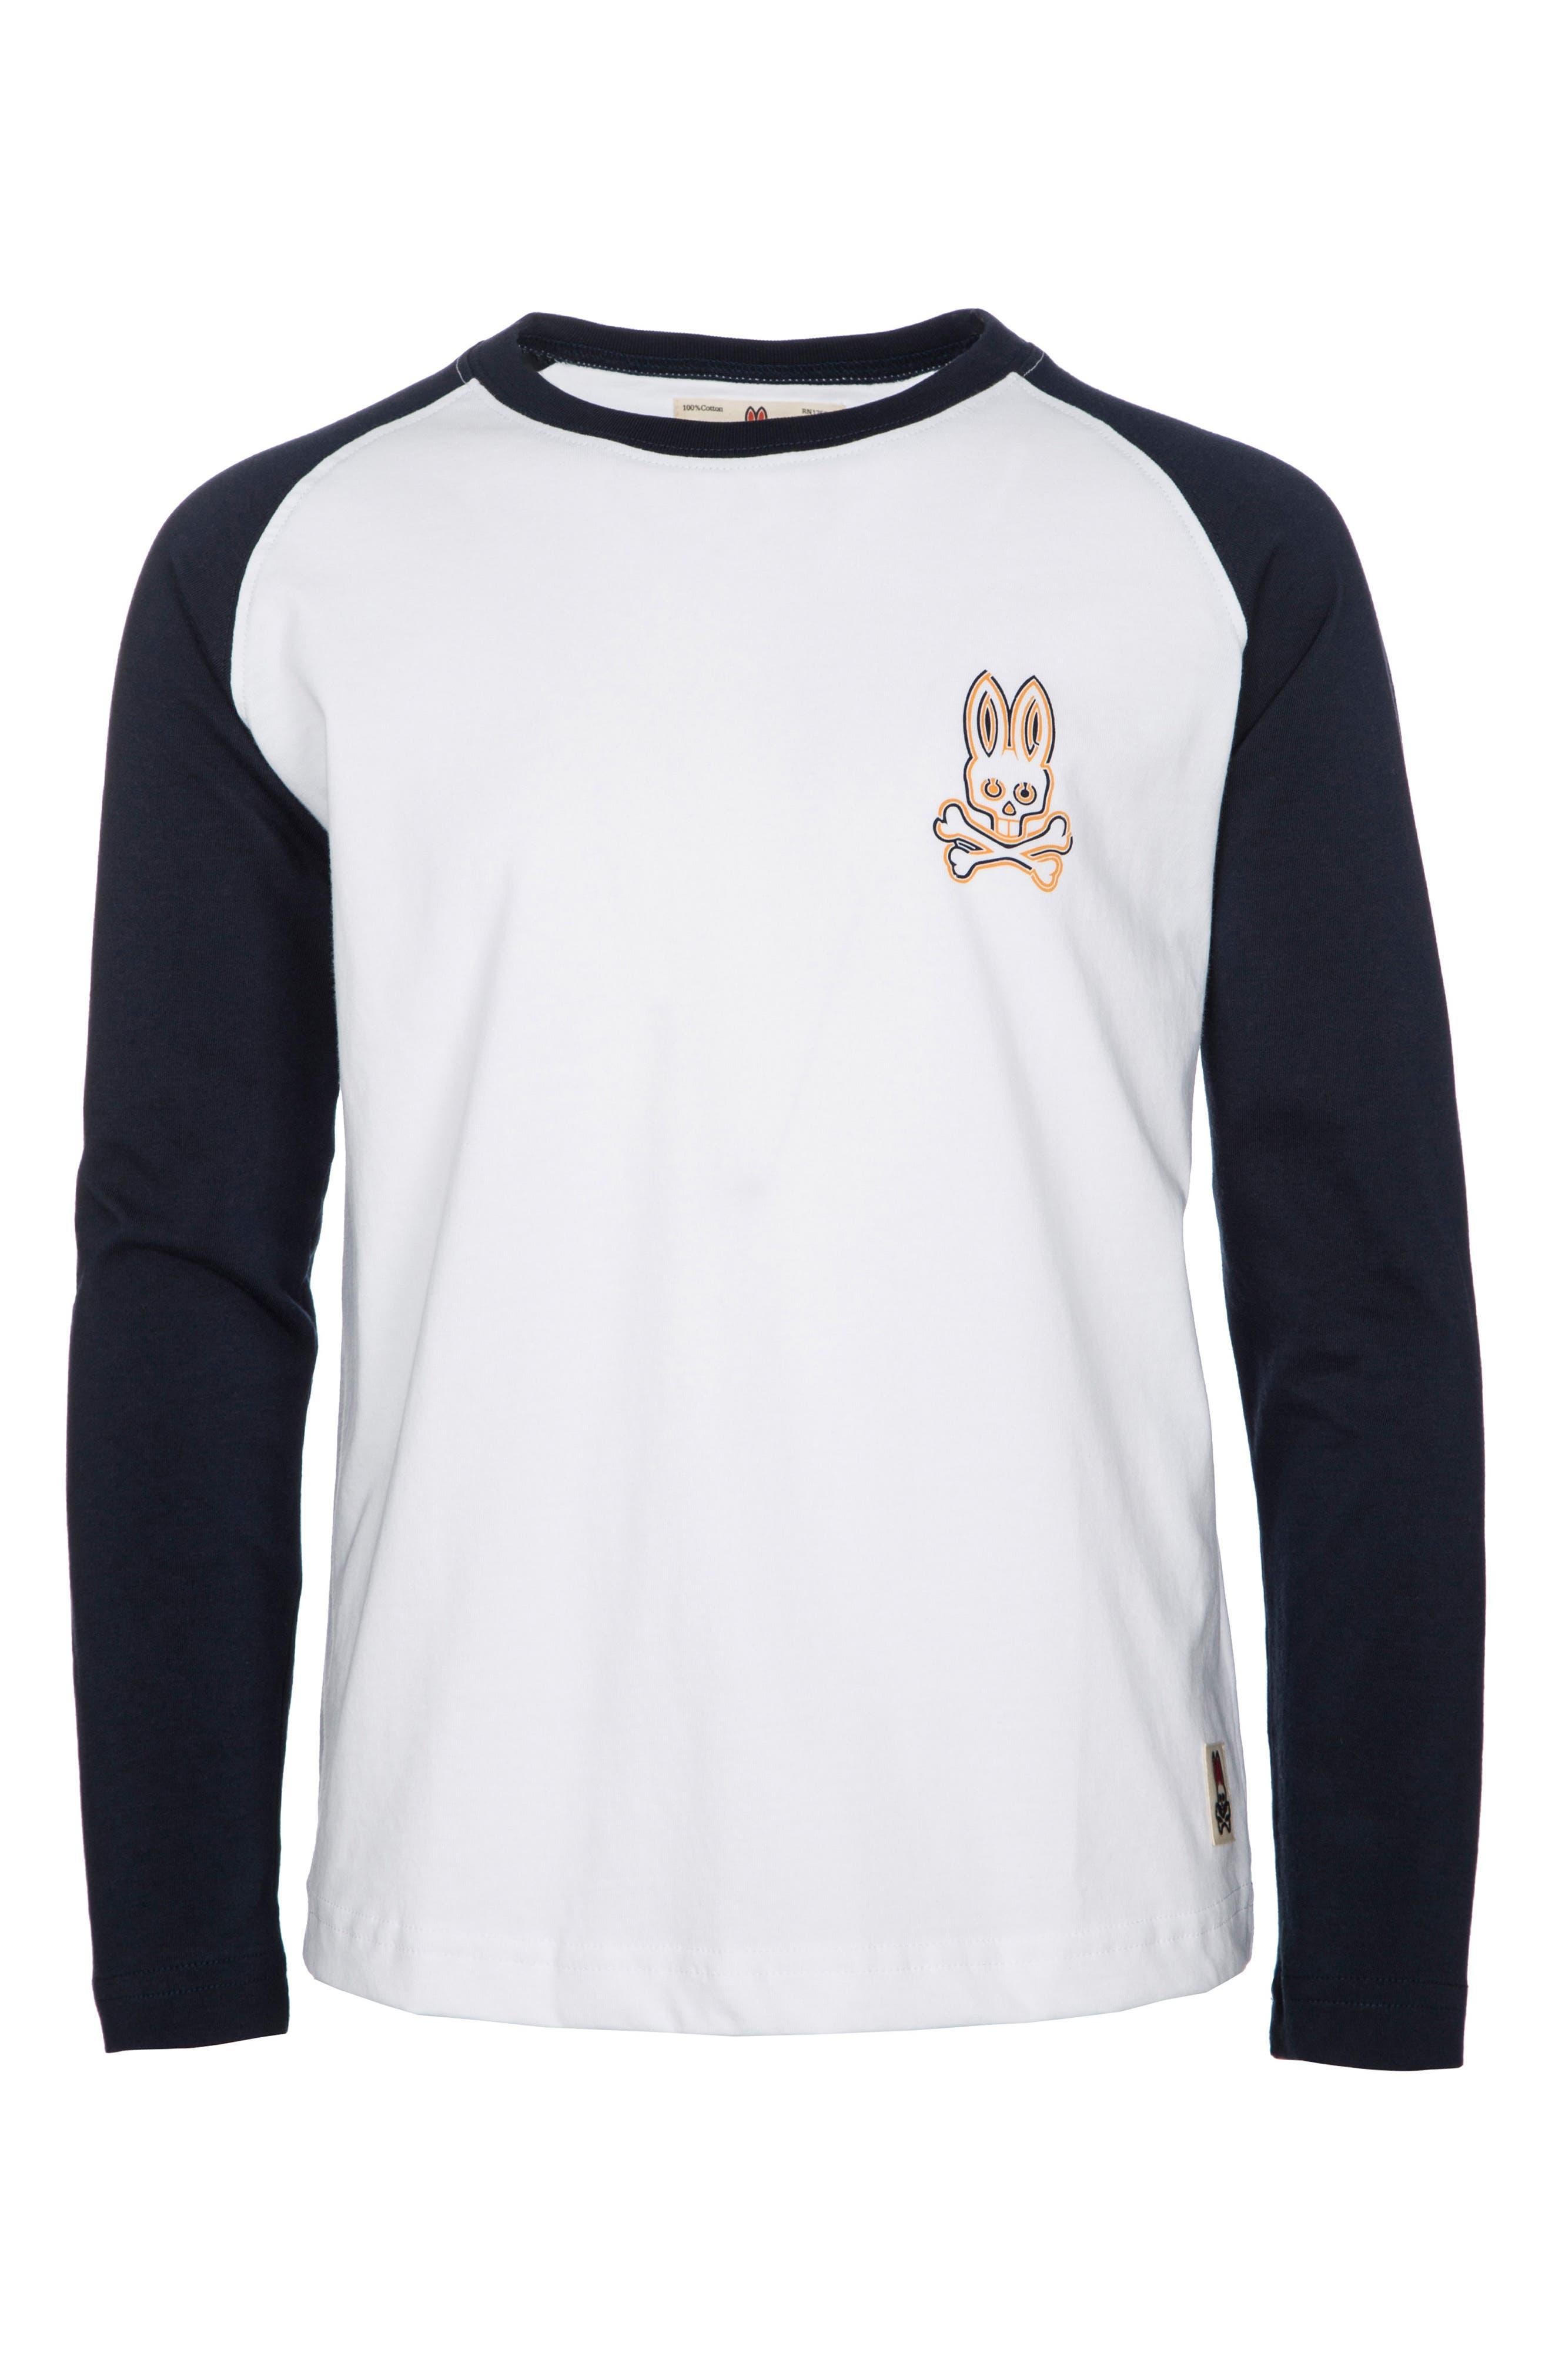 Mantle Pima Cotton T-Shirt,                         Main,                         color, Navy